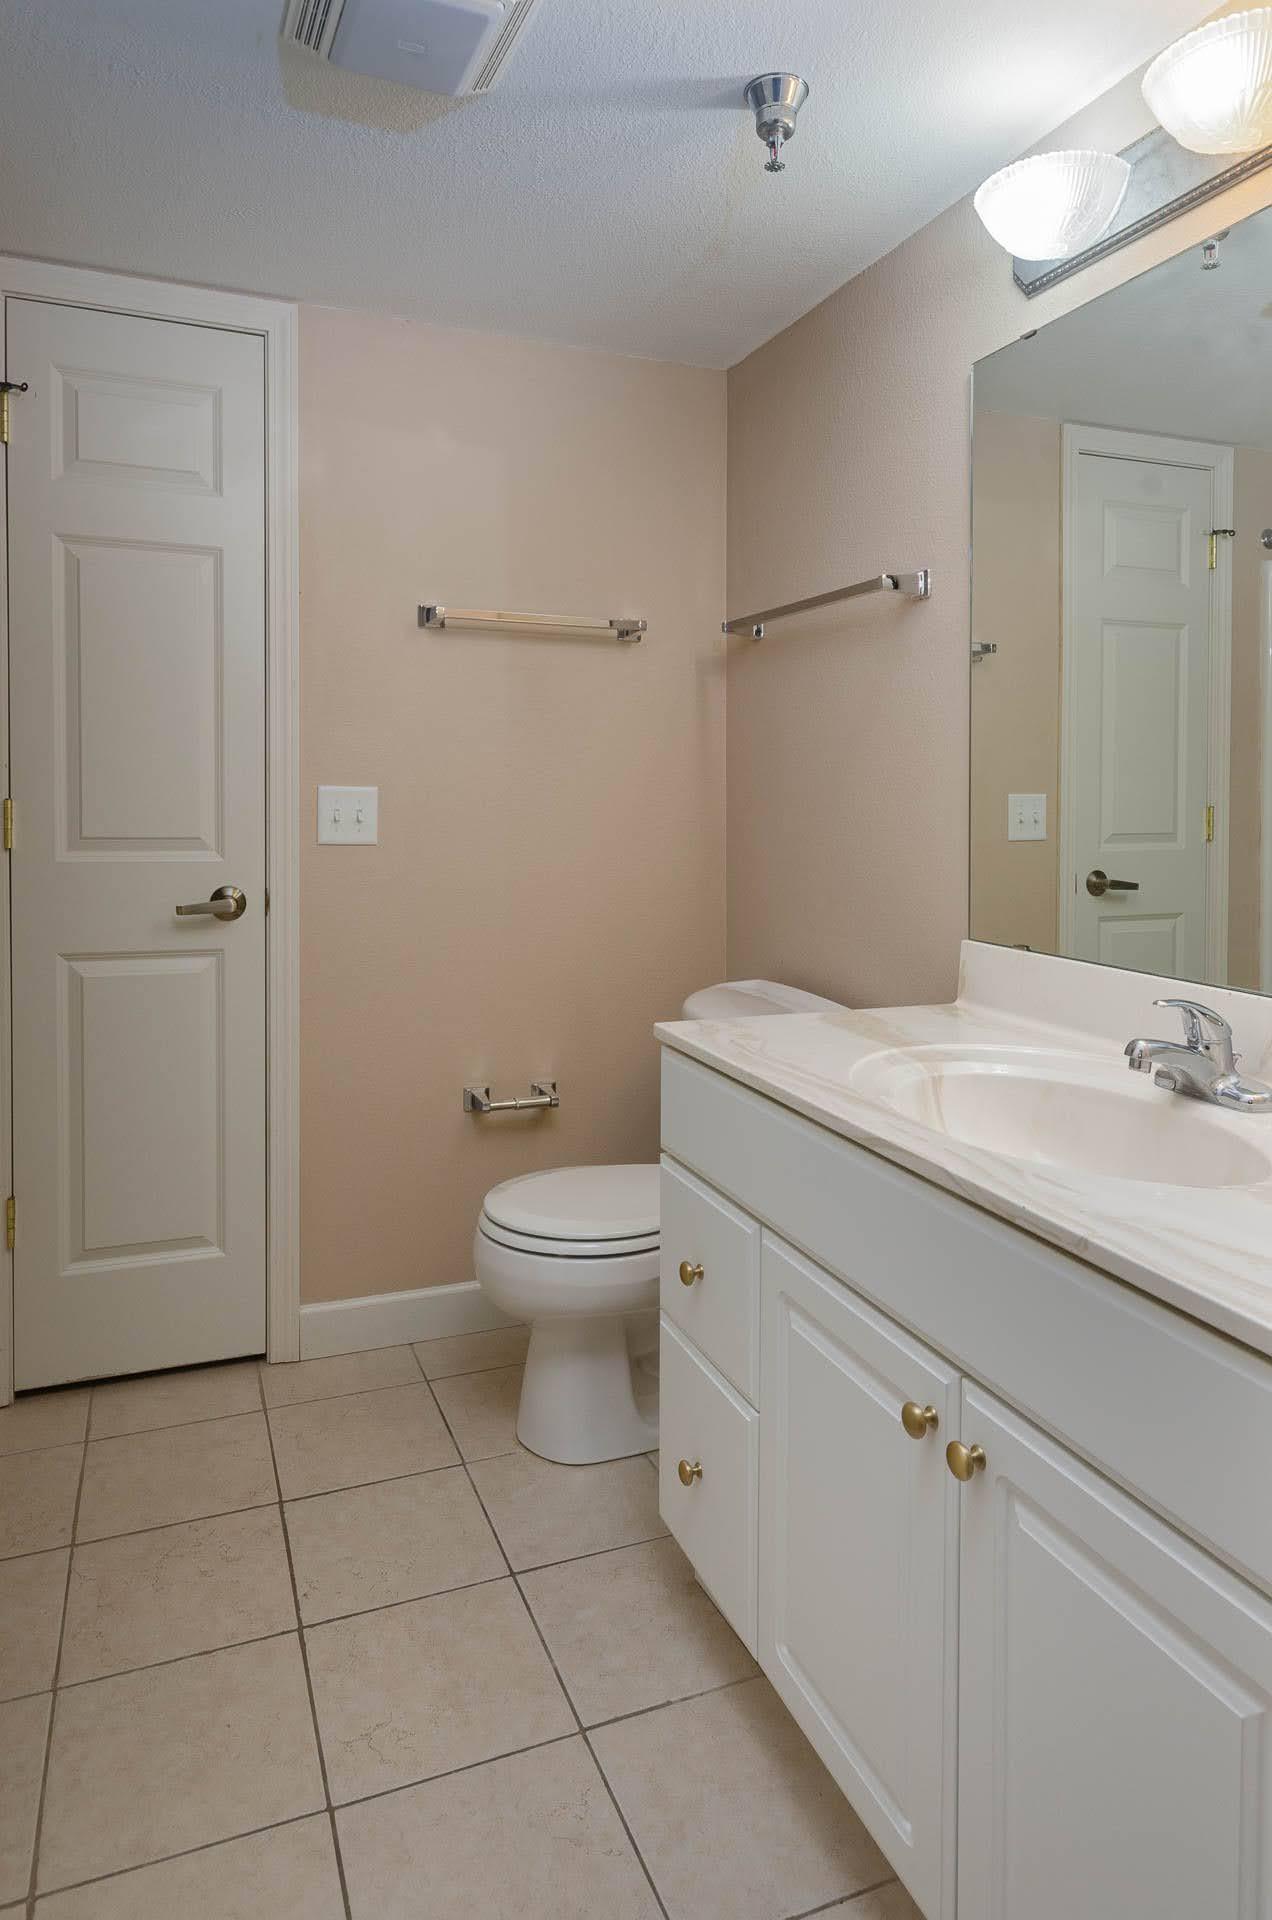 Bathroom Layout 1